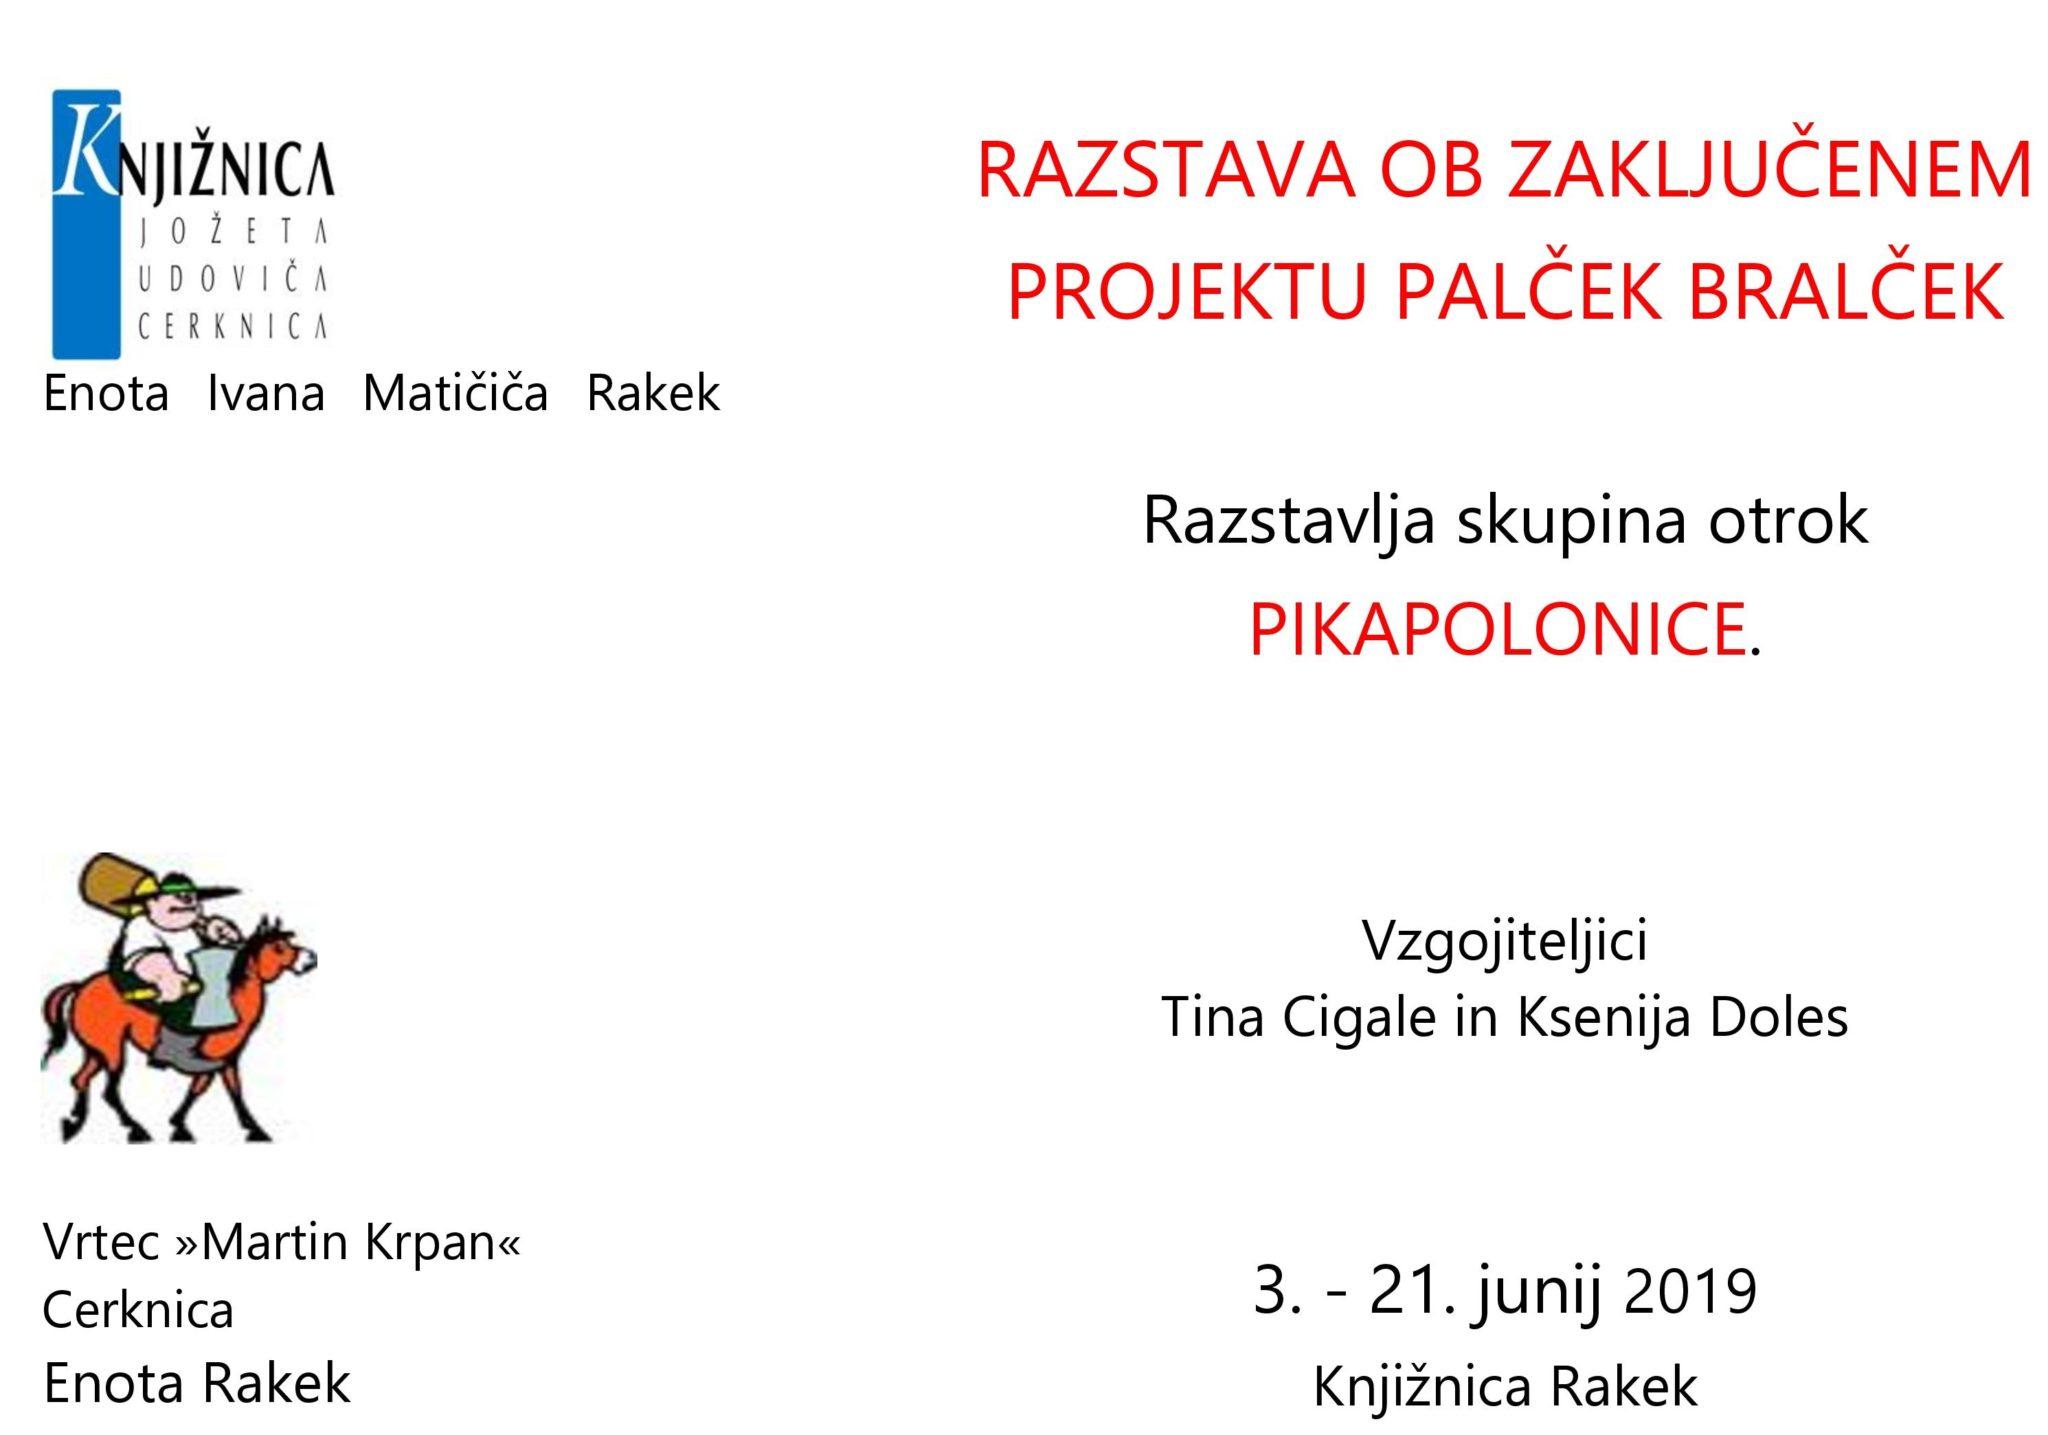 cover - Razstava ob zaključenem projektu Palček Bralček